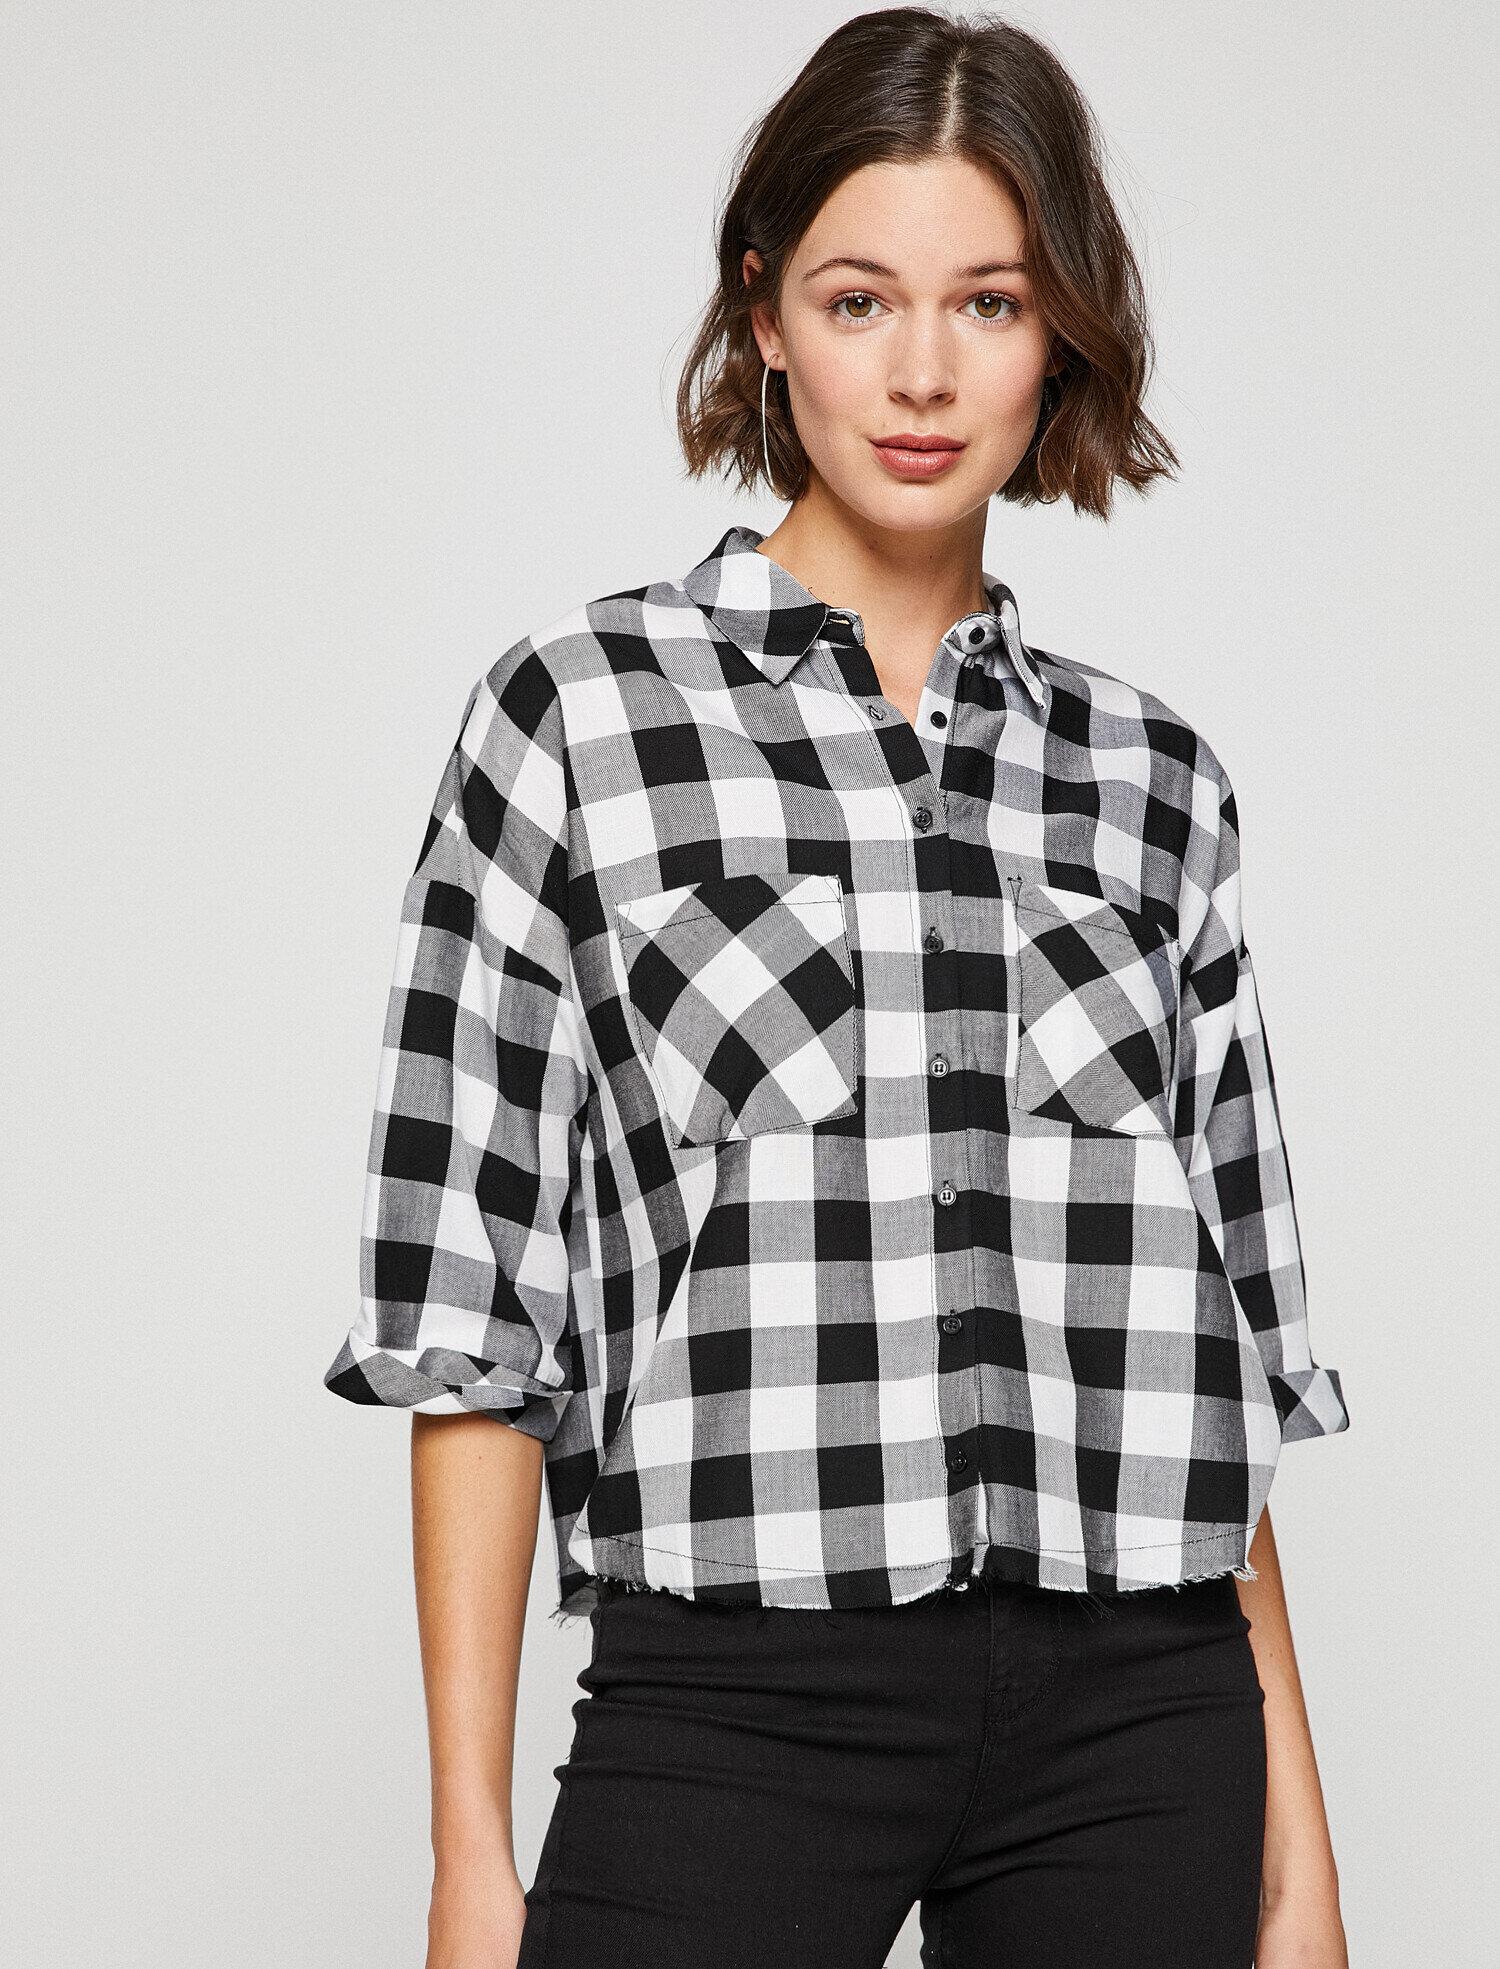 f55c1a3f364 Check Shirt